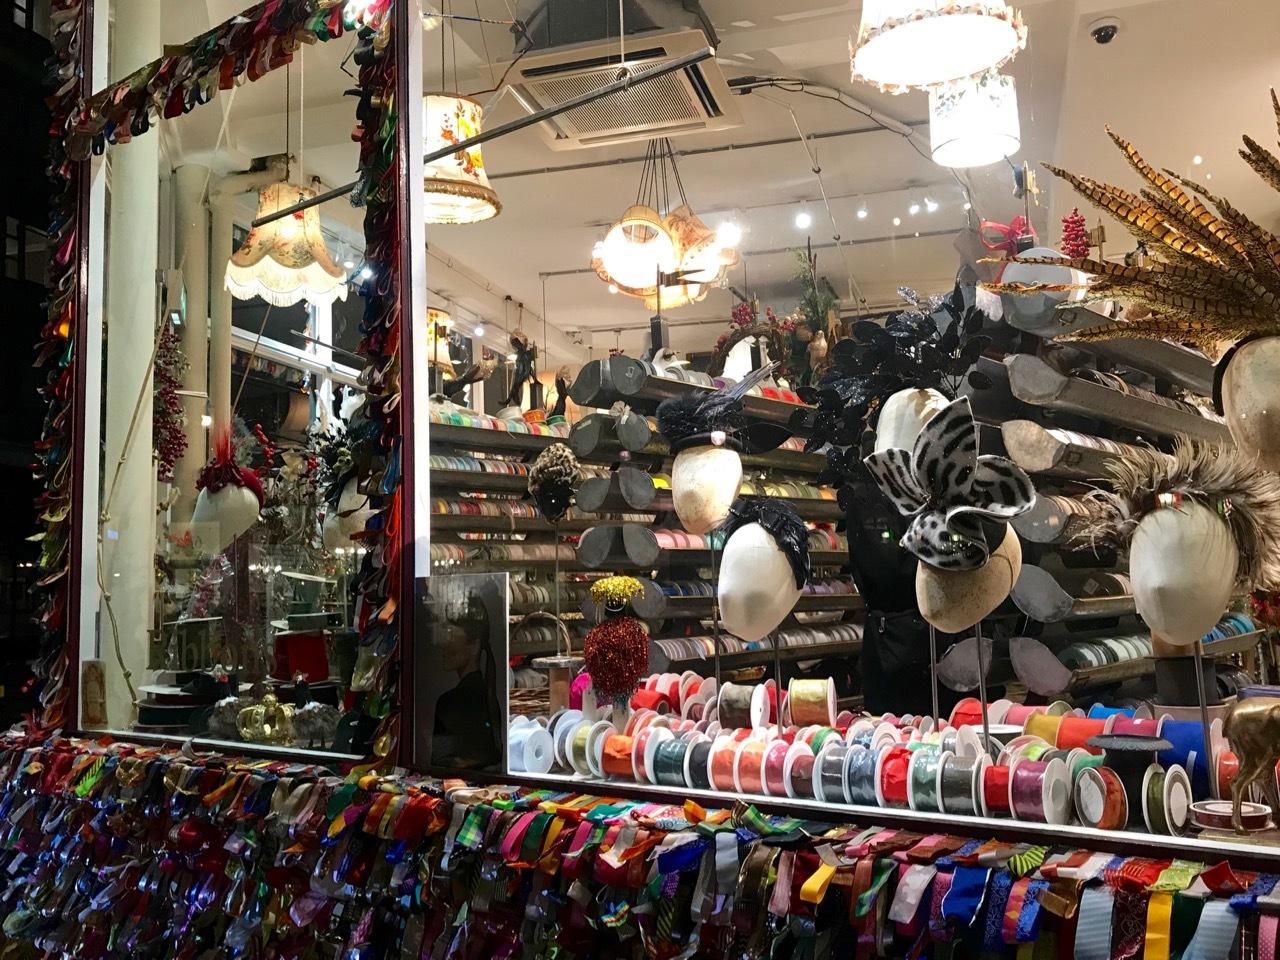 クリスマスは直前がいちばん盛り上がるのかもしれません_e0114020_19554018.jpg